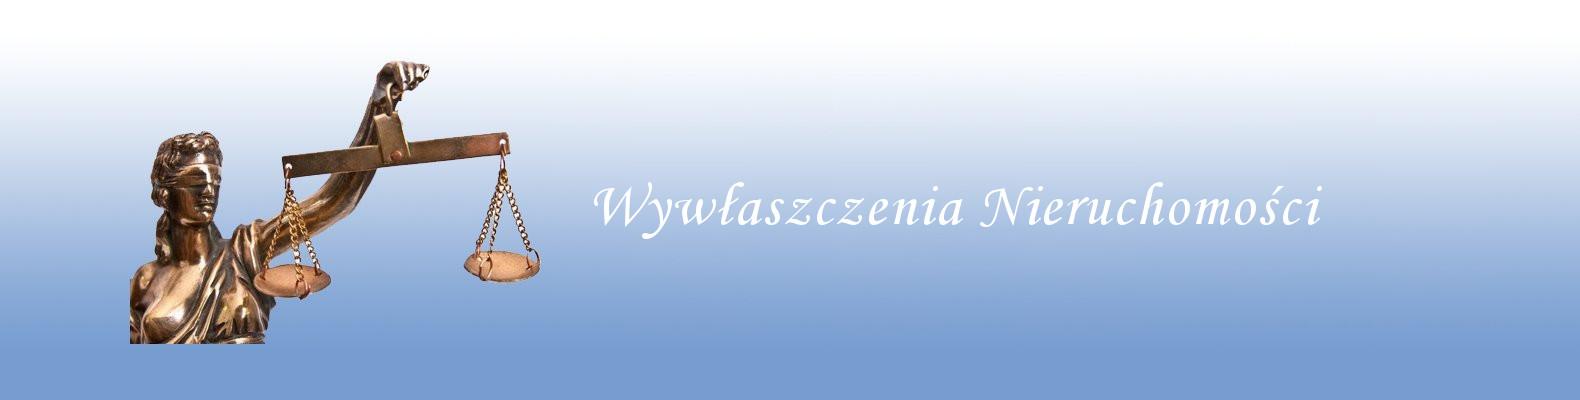 f_Wywłaszczenia-Nieruchomości